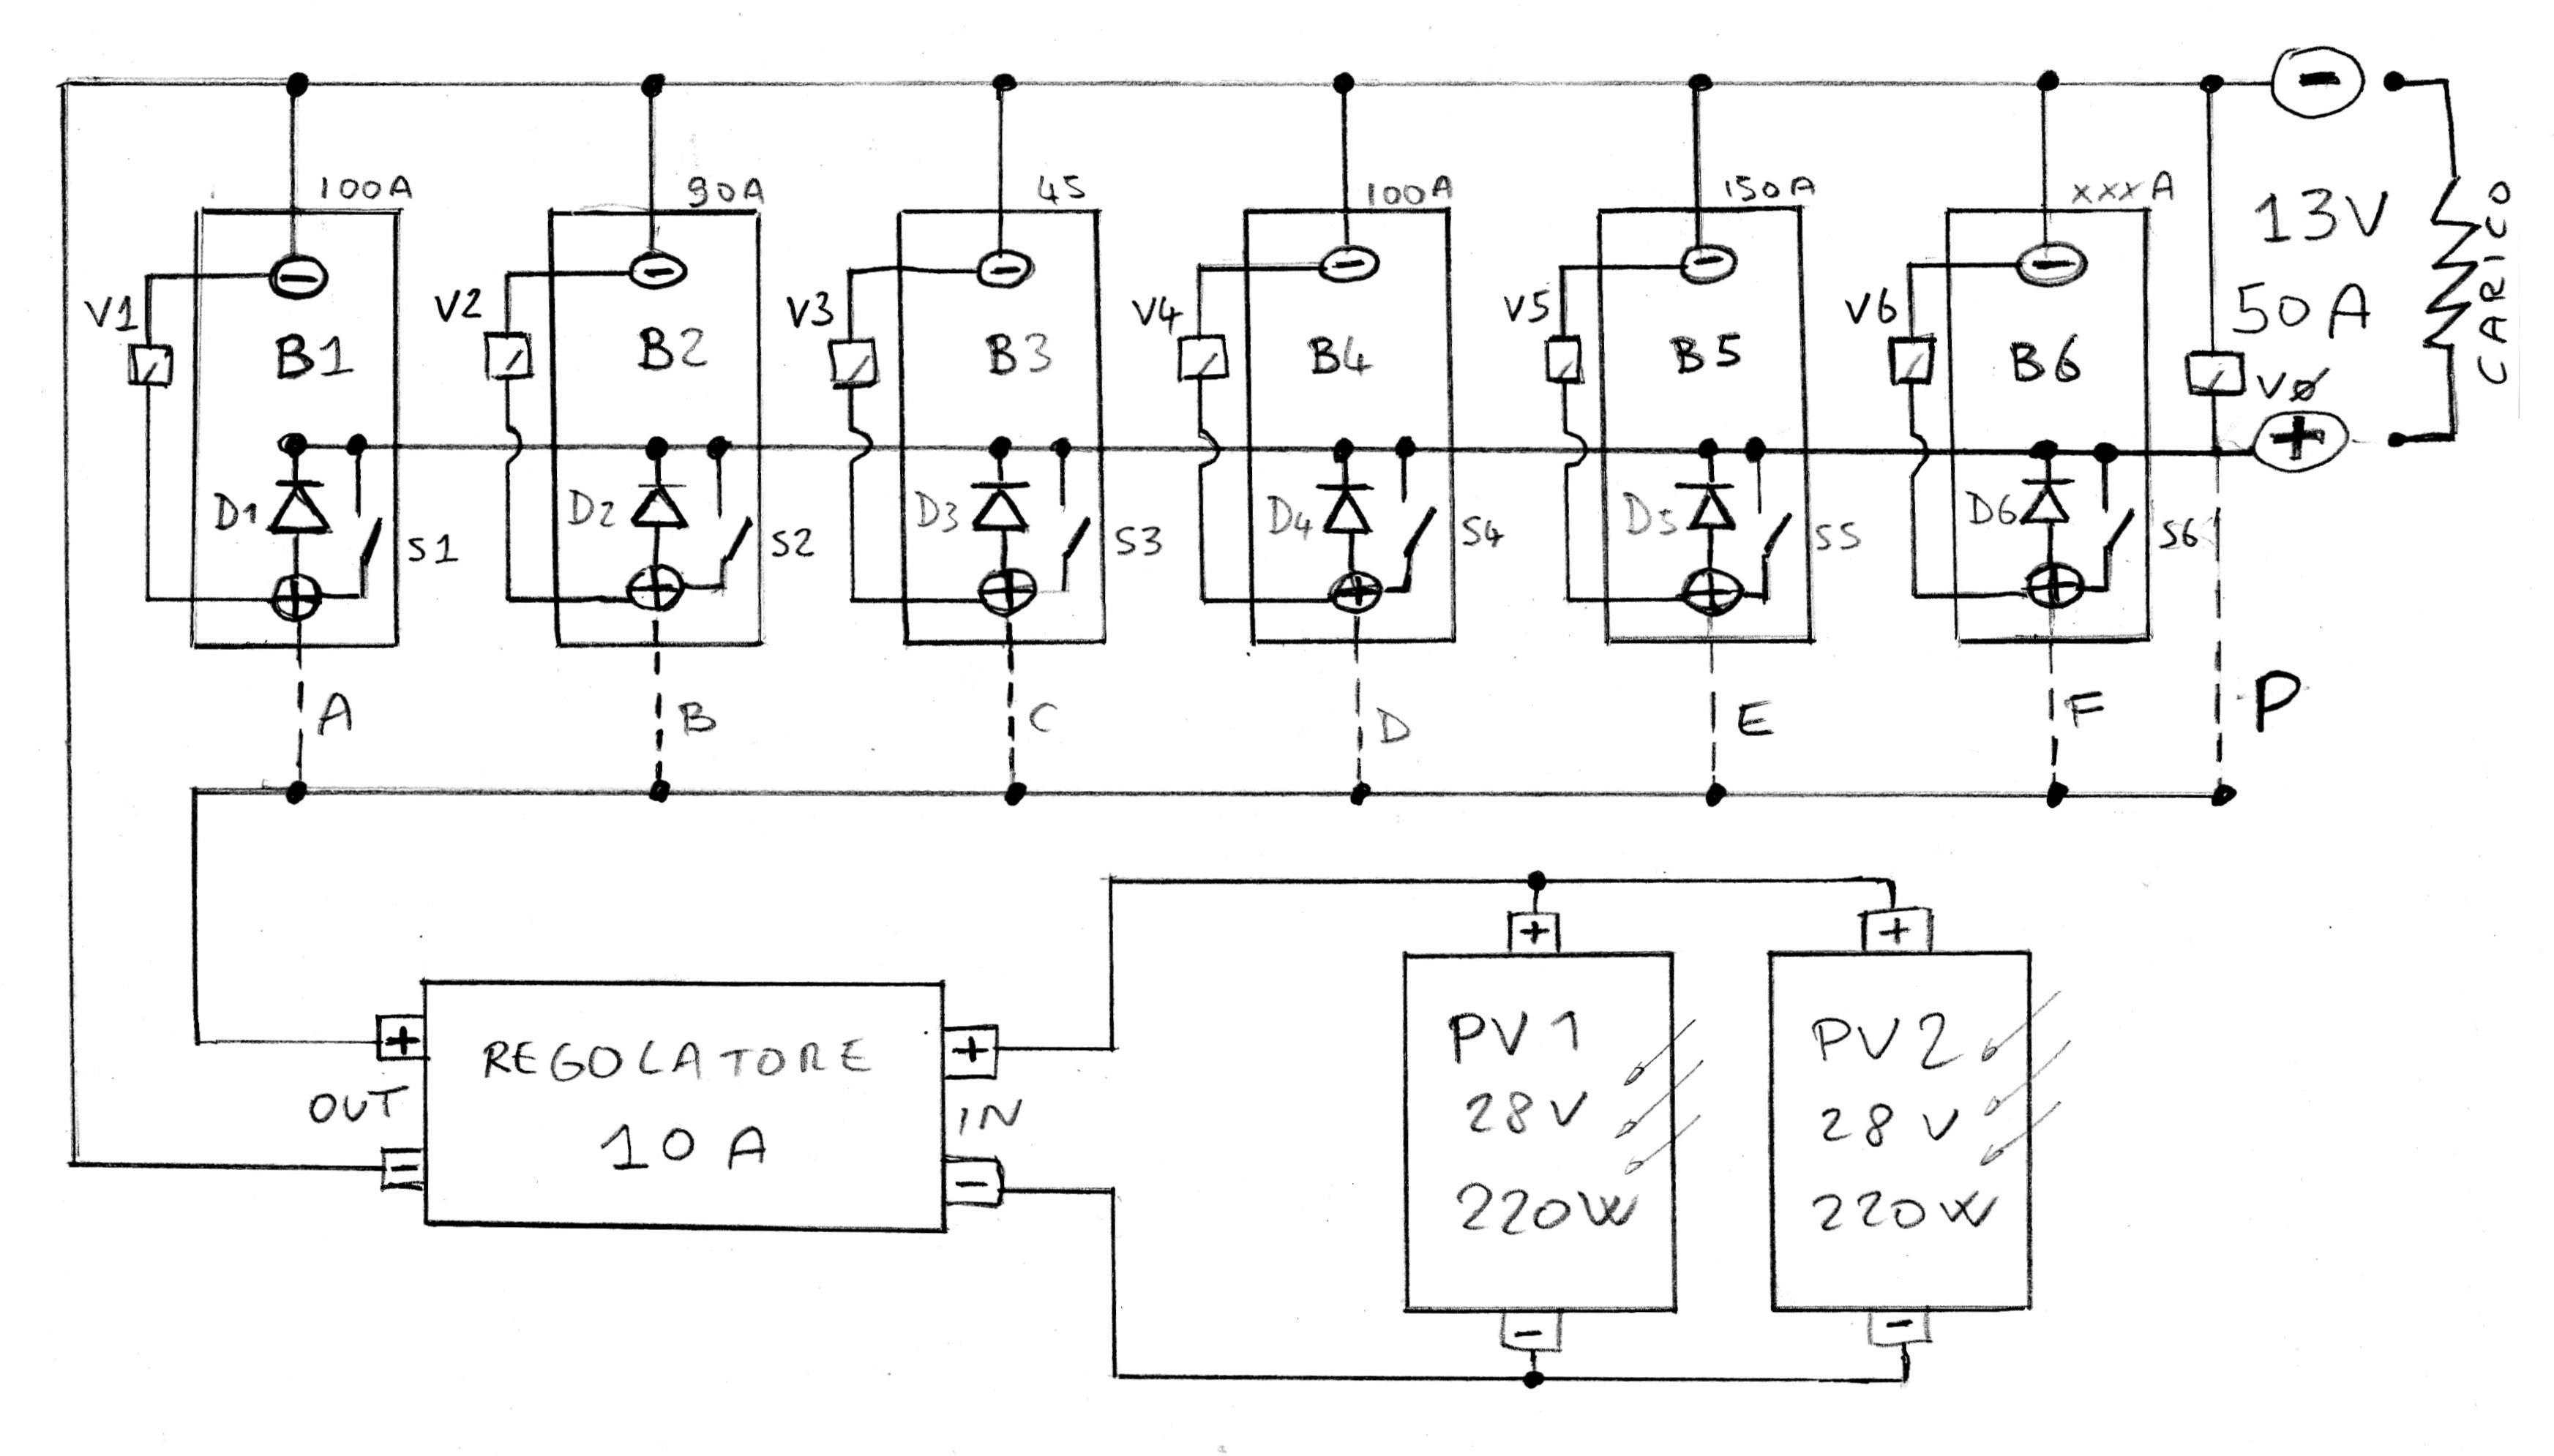 Schema Collegamento Batteria Tampone : Impianto a pannelli solari e batterie